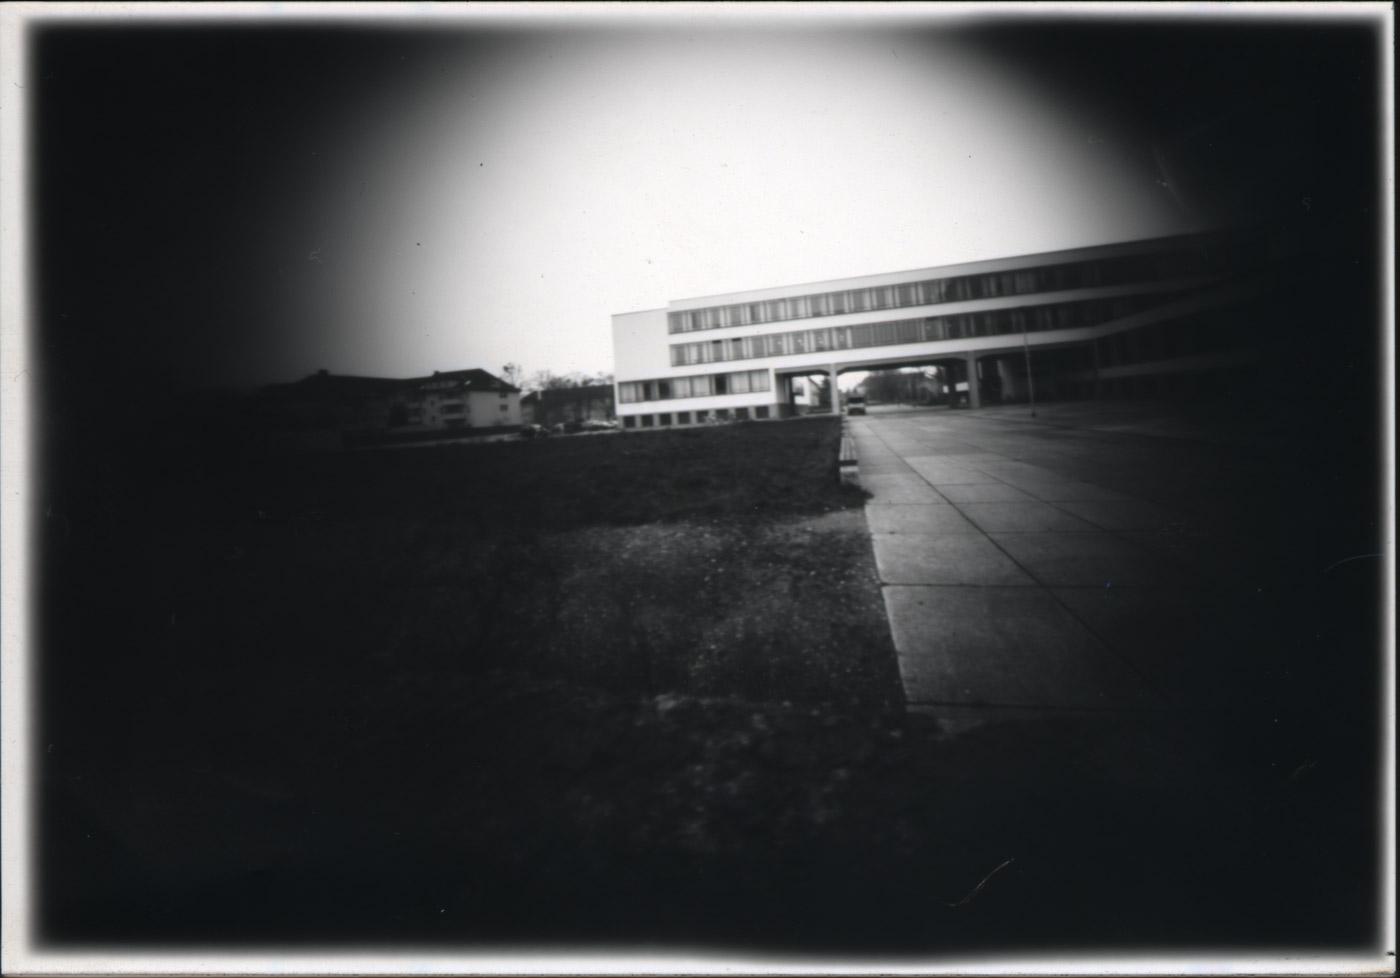 Mit der gebastelten Camera Obscura das Bauhaus Dessau erkunden